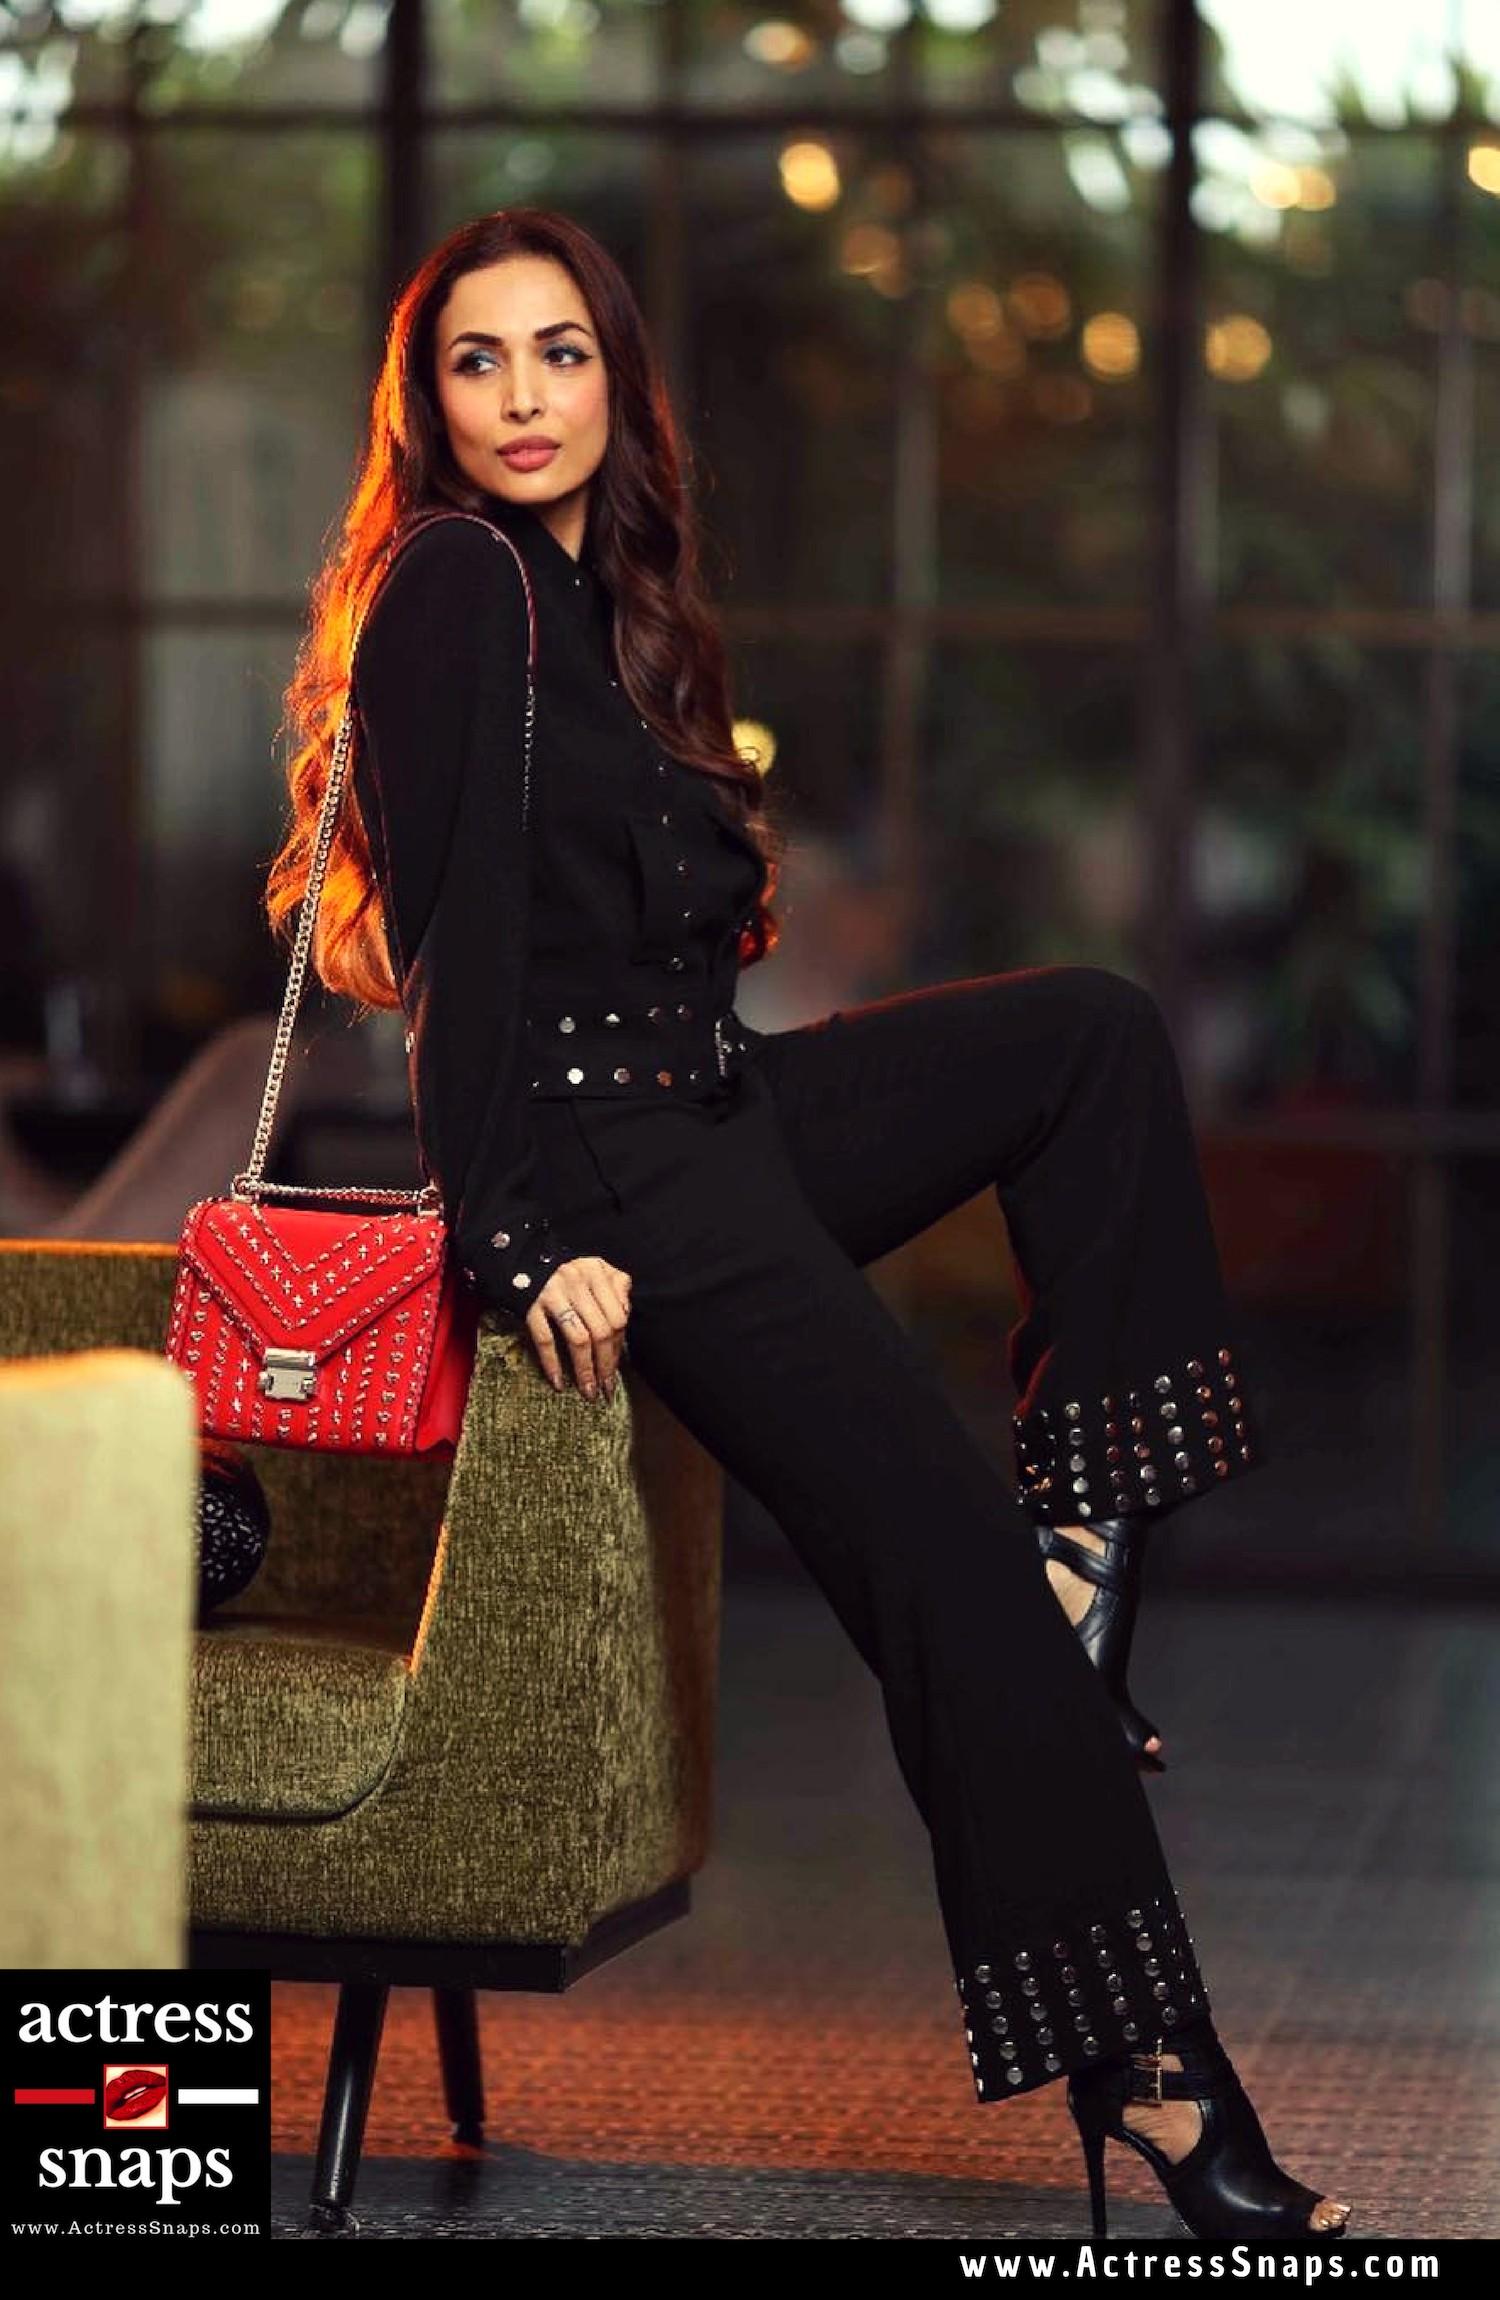 Top 15 Malaika Arora Photos - Sexy Actress Pictures | Hot Actress Pictures - ActressSnaps.com